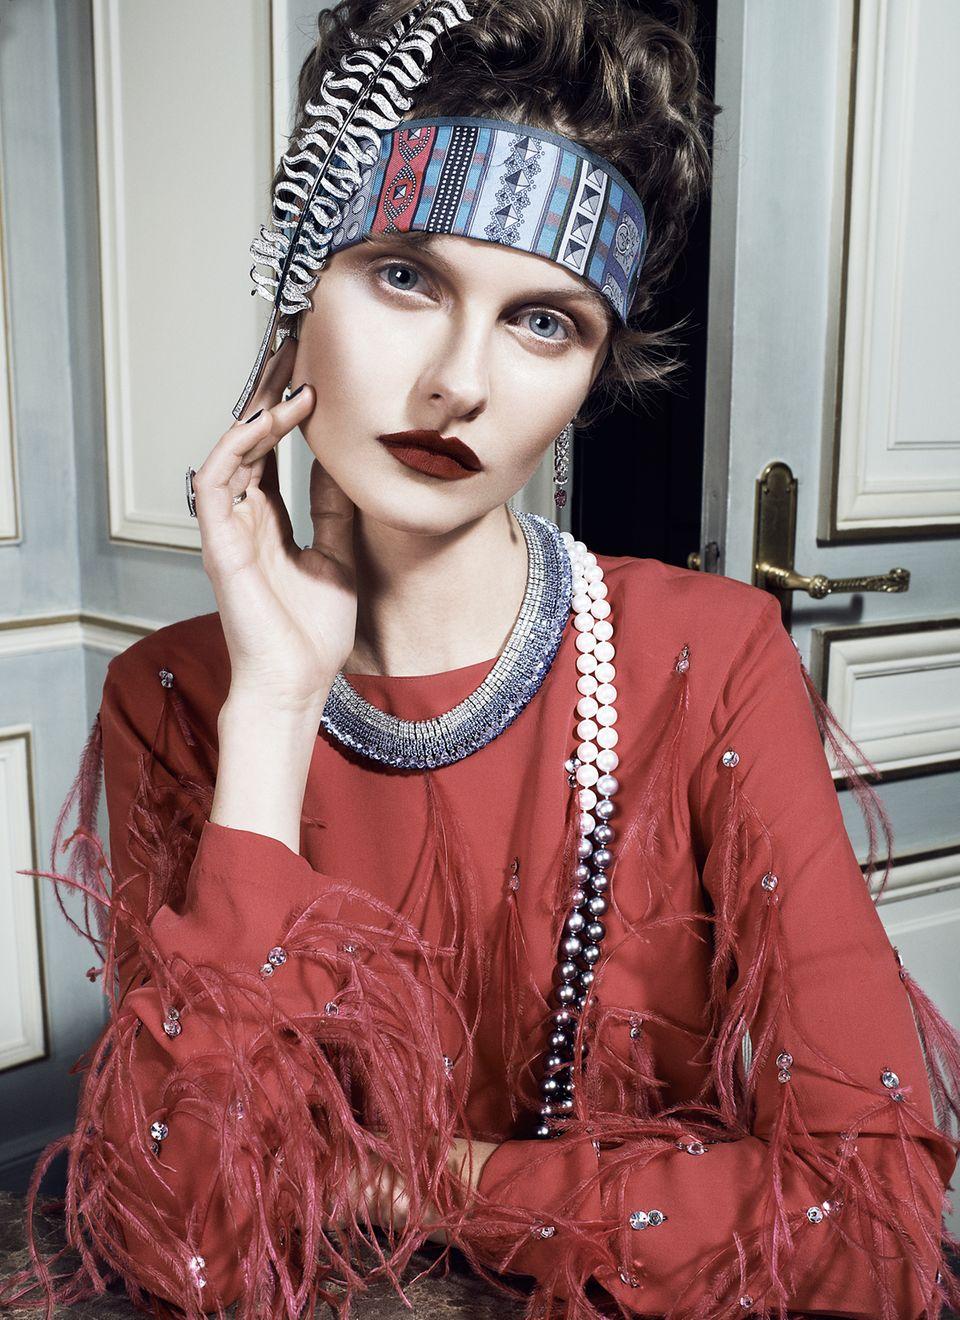 """""""Plume de Chanel"""": diamantbesetzte Federbrosche, 1932 von Coco Chanel entworfen, von Chanel Jewelry. Diamant-Ohrringe von Louis Vuitton. Collier mit Brillanten und blauen Saphiren, Turmalin-Ring, beides von Chopard. Perlenkette aus Süßwasser- und Tahiti-Zuchtperlen, von Juwelier Wempe. Federkleid von Dries Van Noten. Seidenschal von Hermès"""